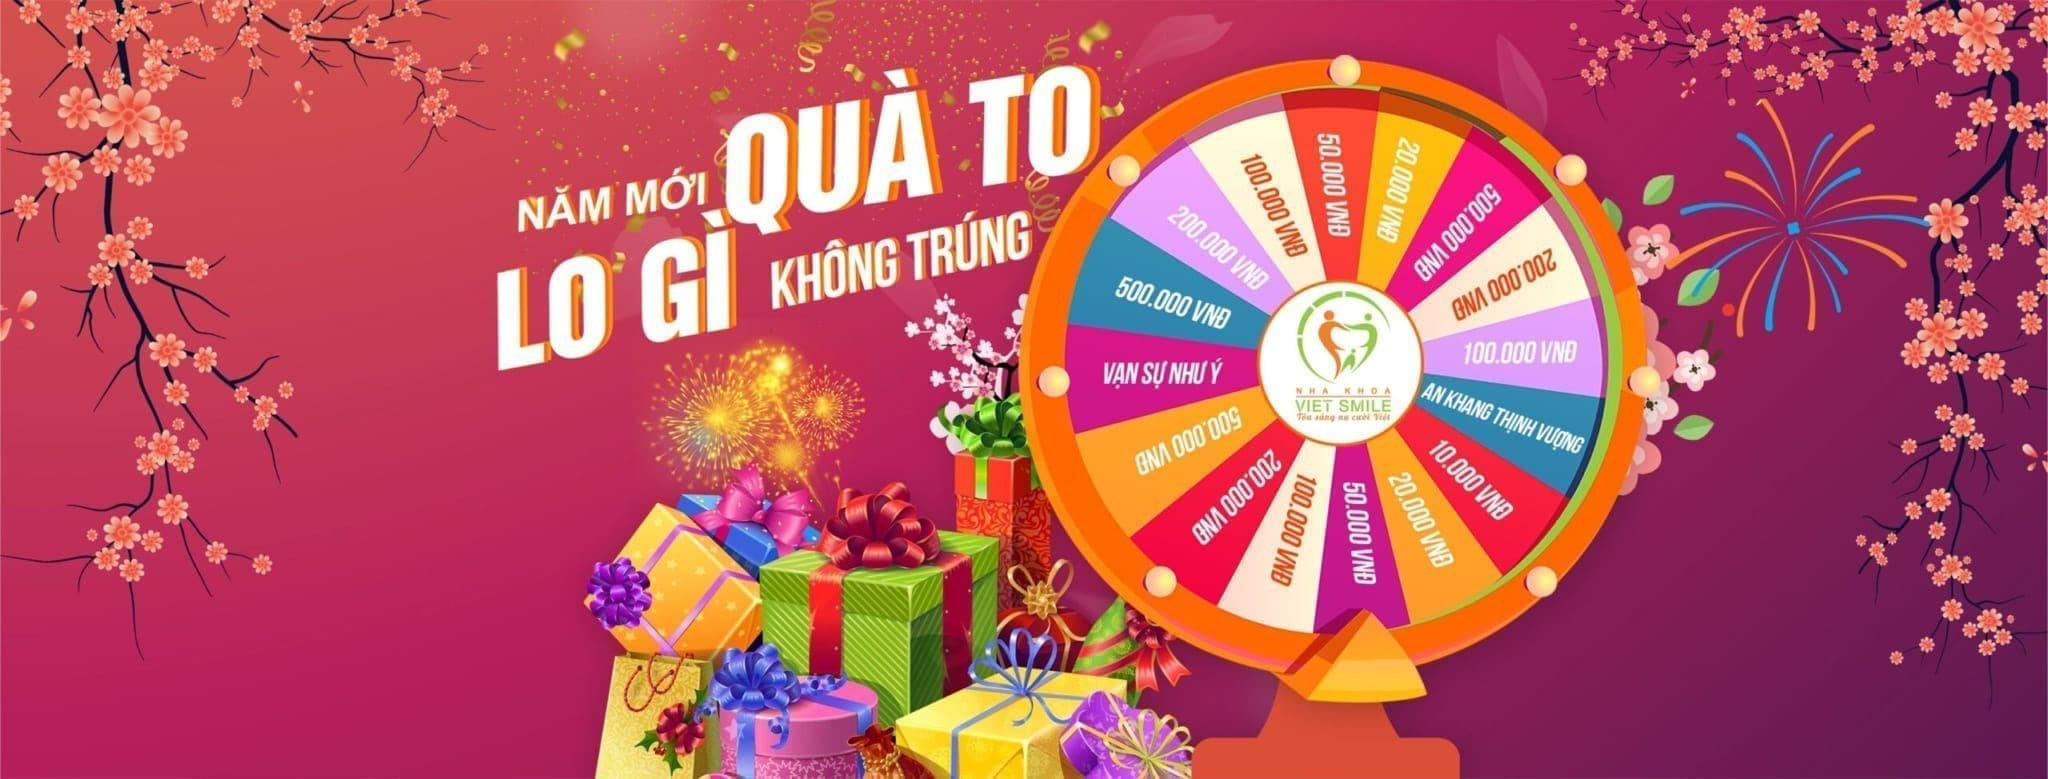 Nhanh tay tham gia vòng quay để nhận hàng ngàn ưu đãi hấp dẫn của Việt Smile